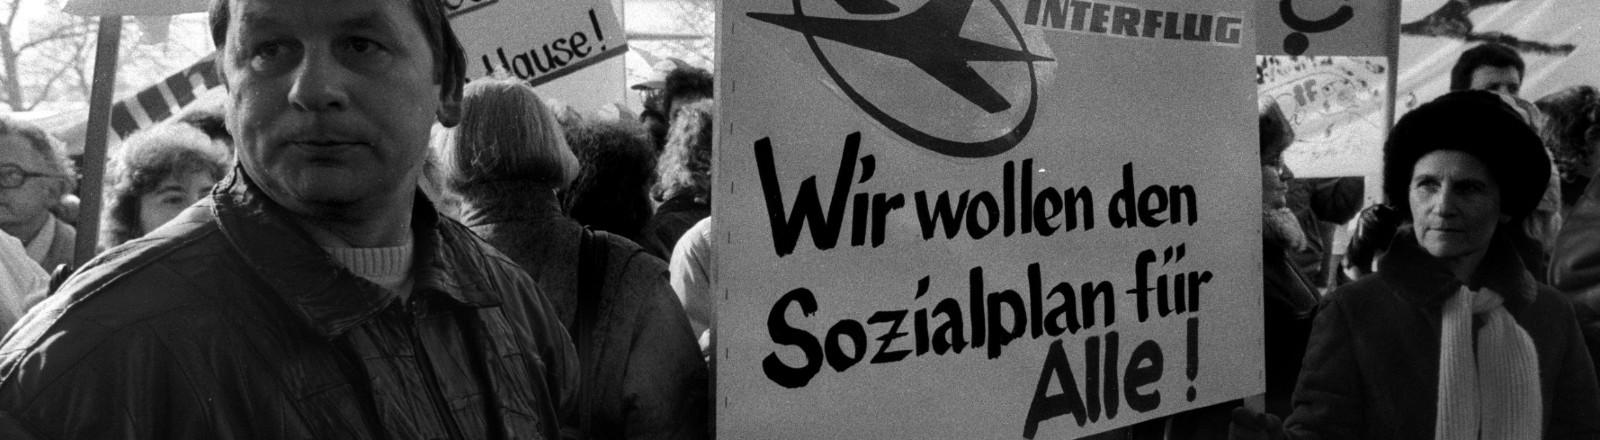 01.01.1991, Berlin: Demonstration gegen die Treuhandanstalt am Alexanderplatz 6. Beschaeftigte der DDR-Fluggesellschaft Interflug protestieren gegen das Ende des Betriebs.